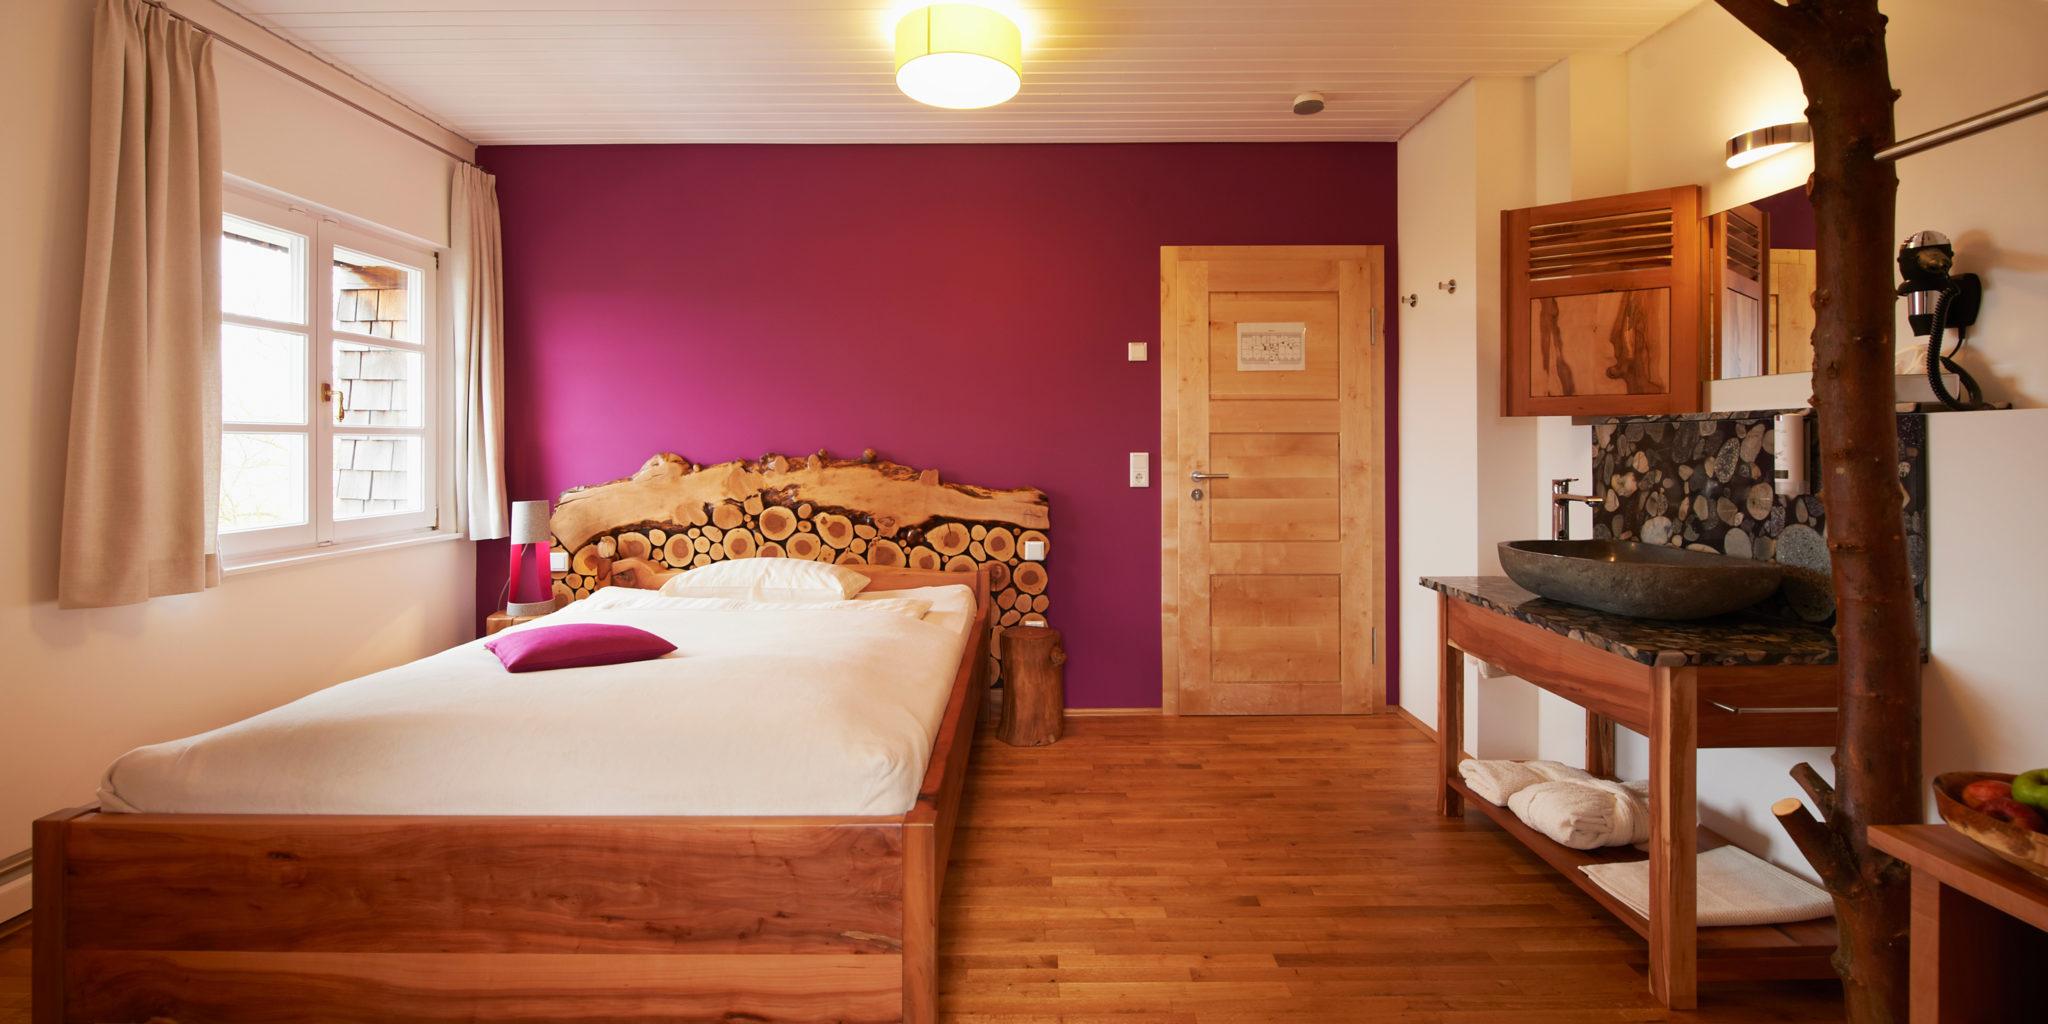 Biohotel Lindengut Dipperz BaumArt Zimmer Pink